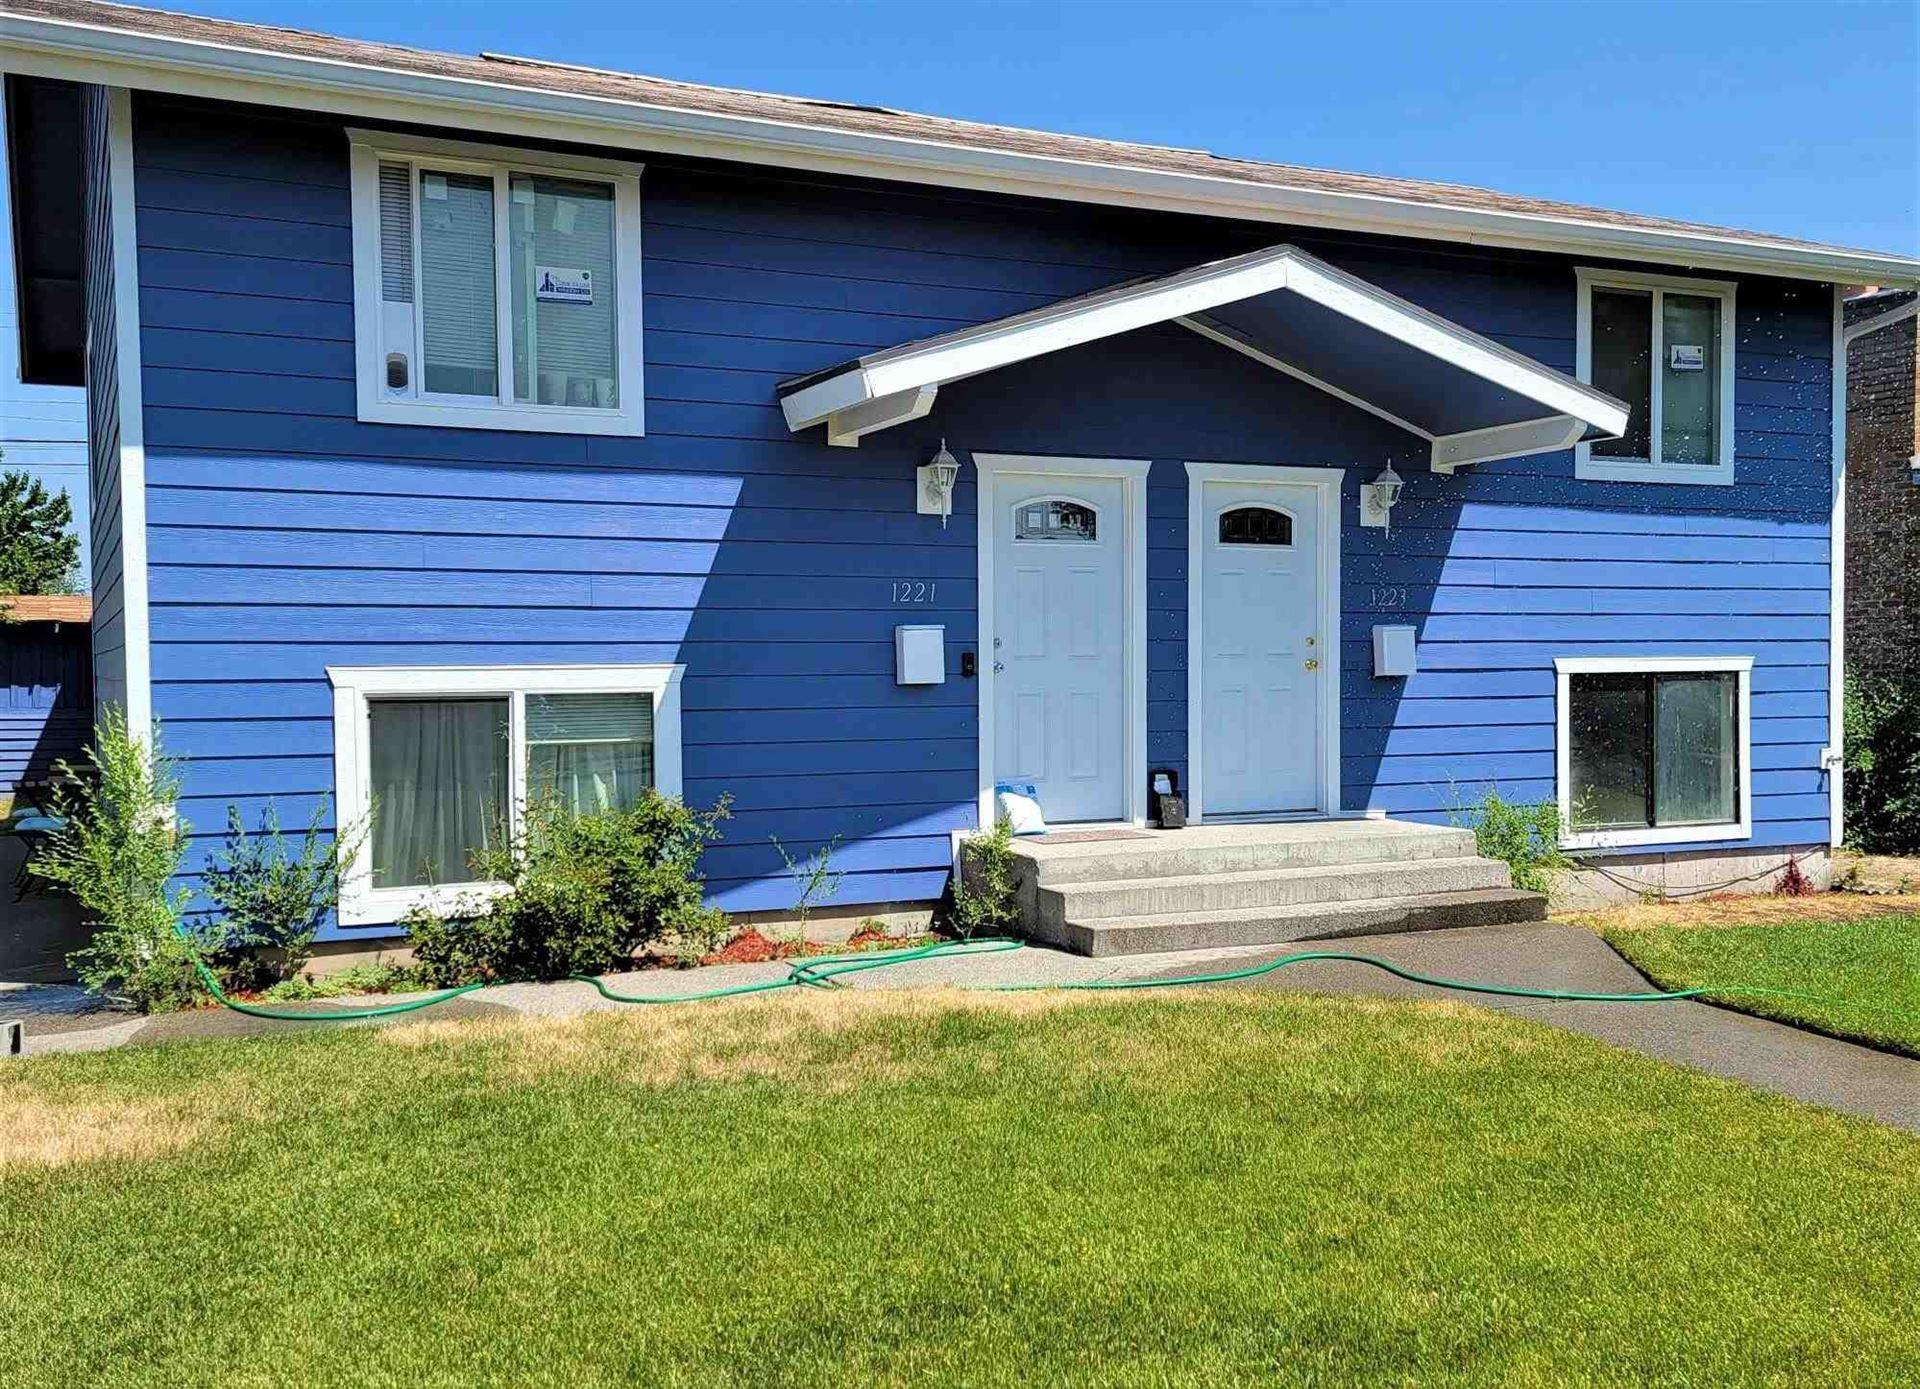 1223 E Rich Ave #1221 E Rich, Spokane, WA 99207 - #: 202119203